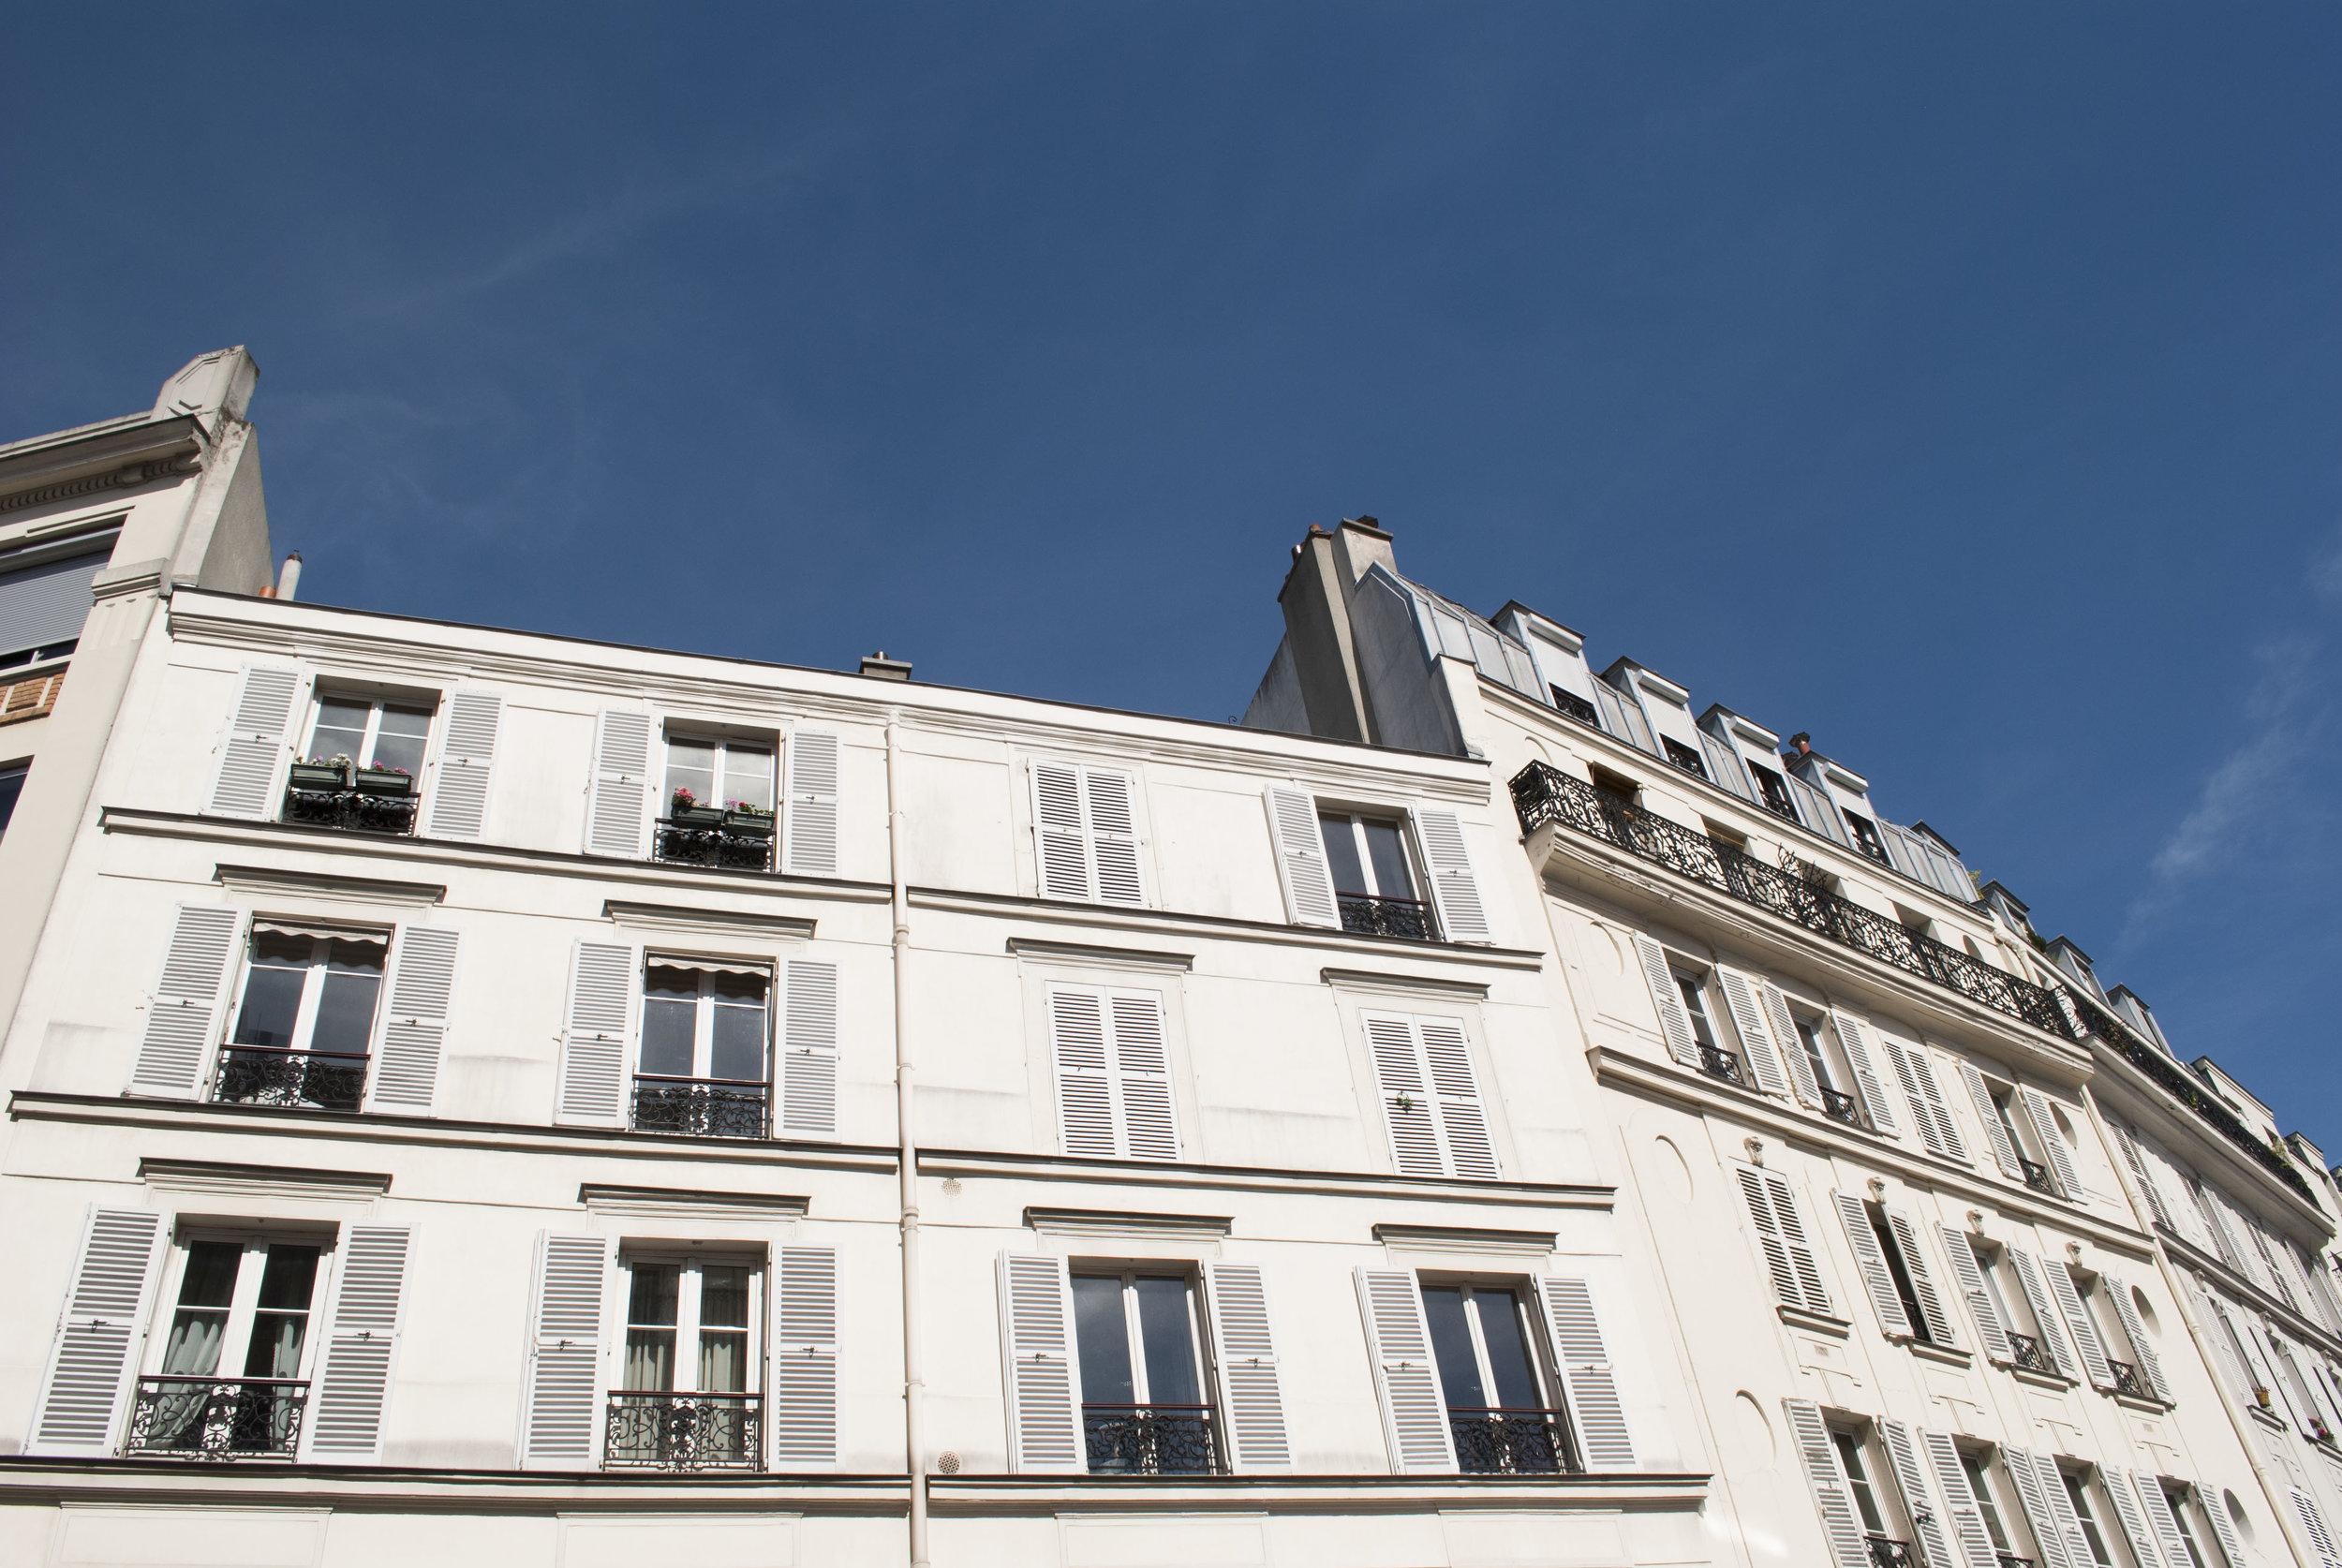 Van Gogh's apartment in Montmartre.